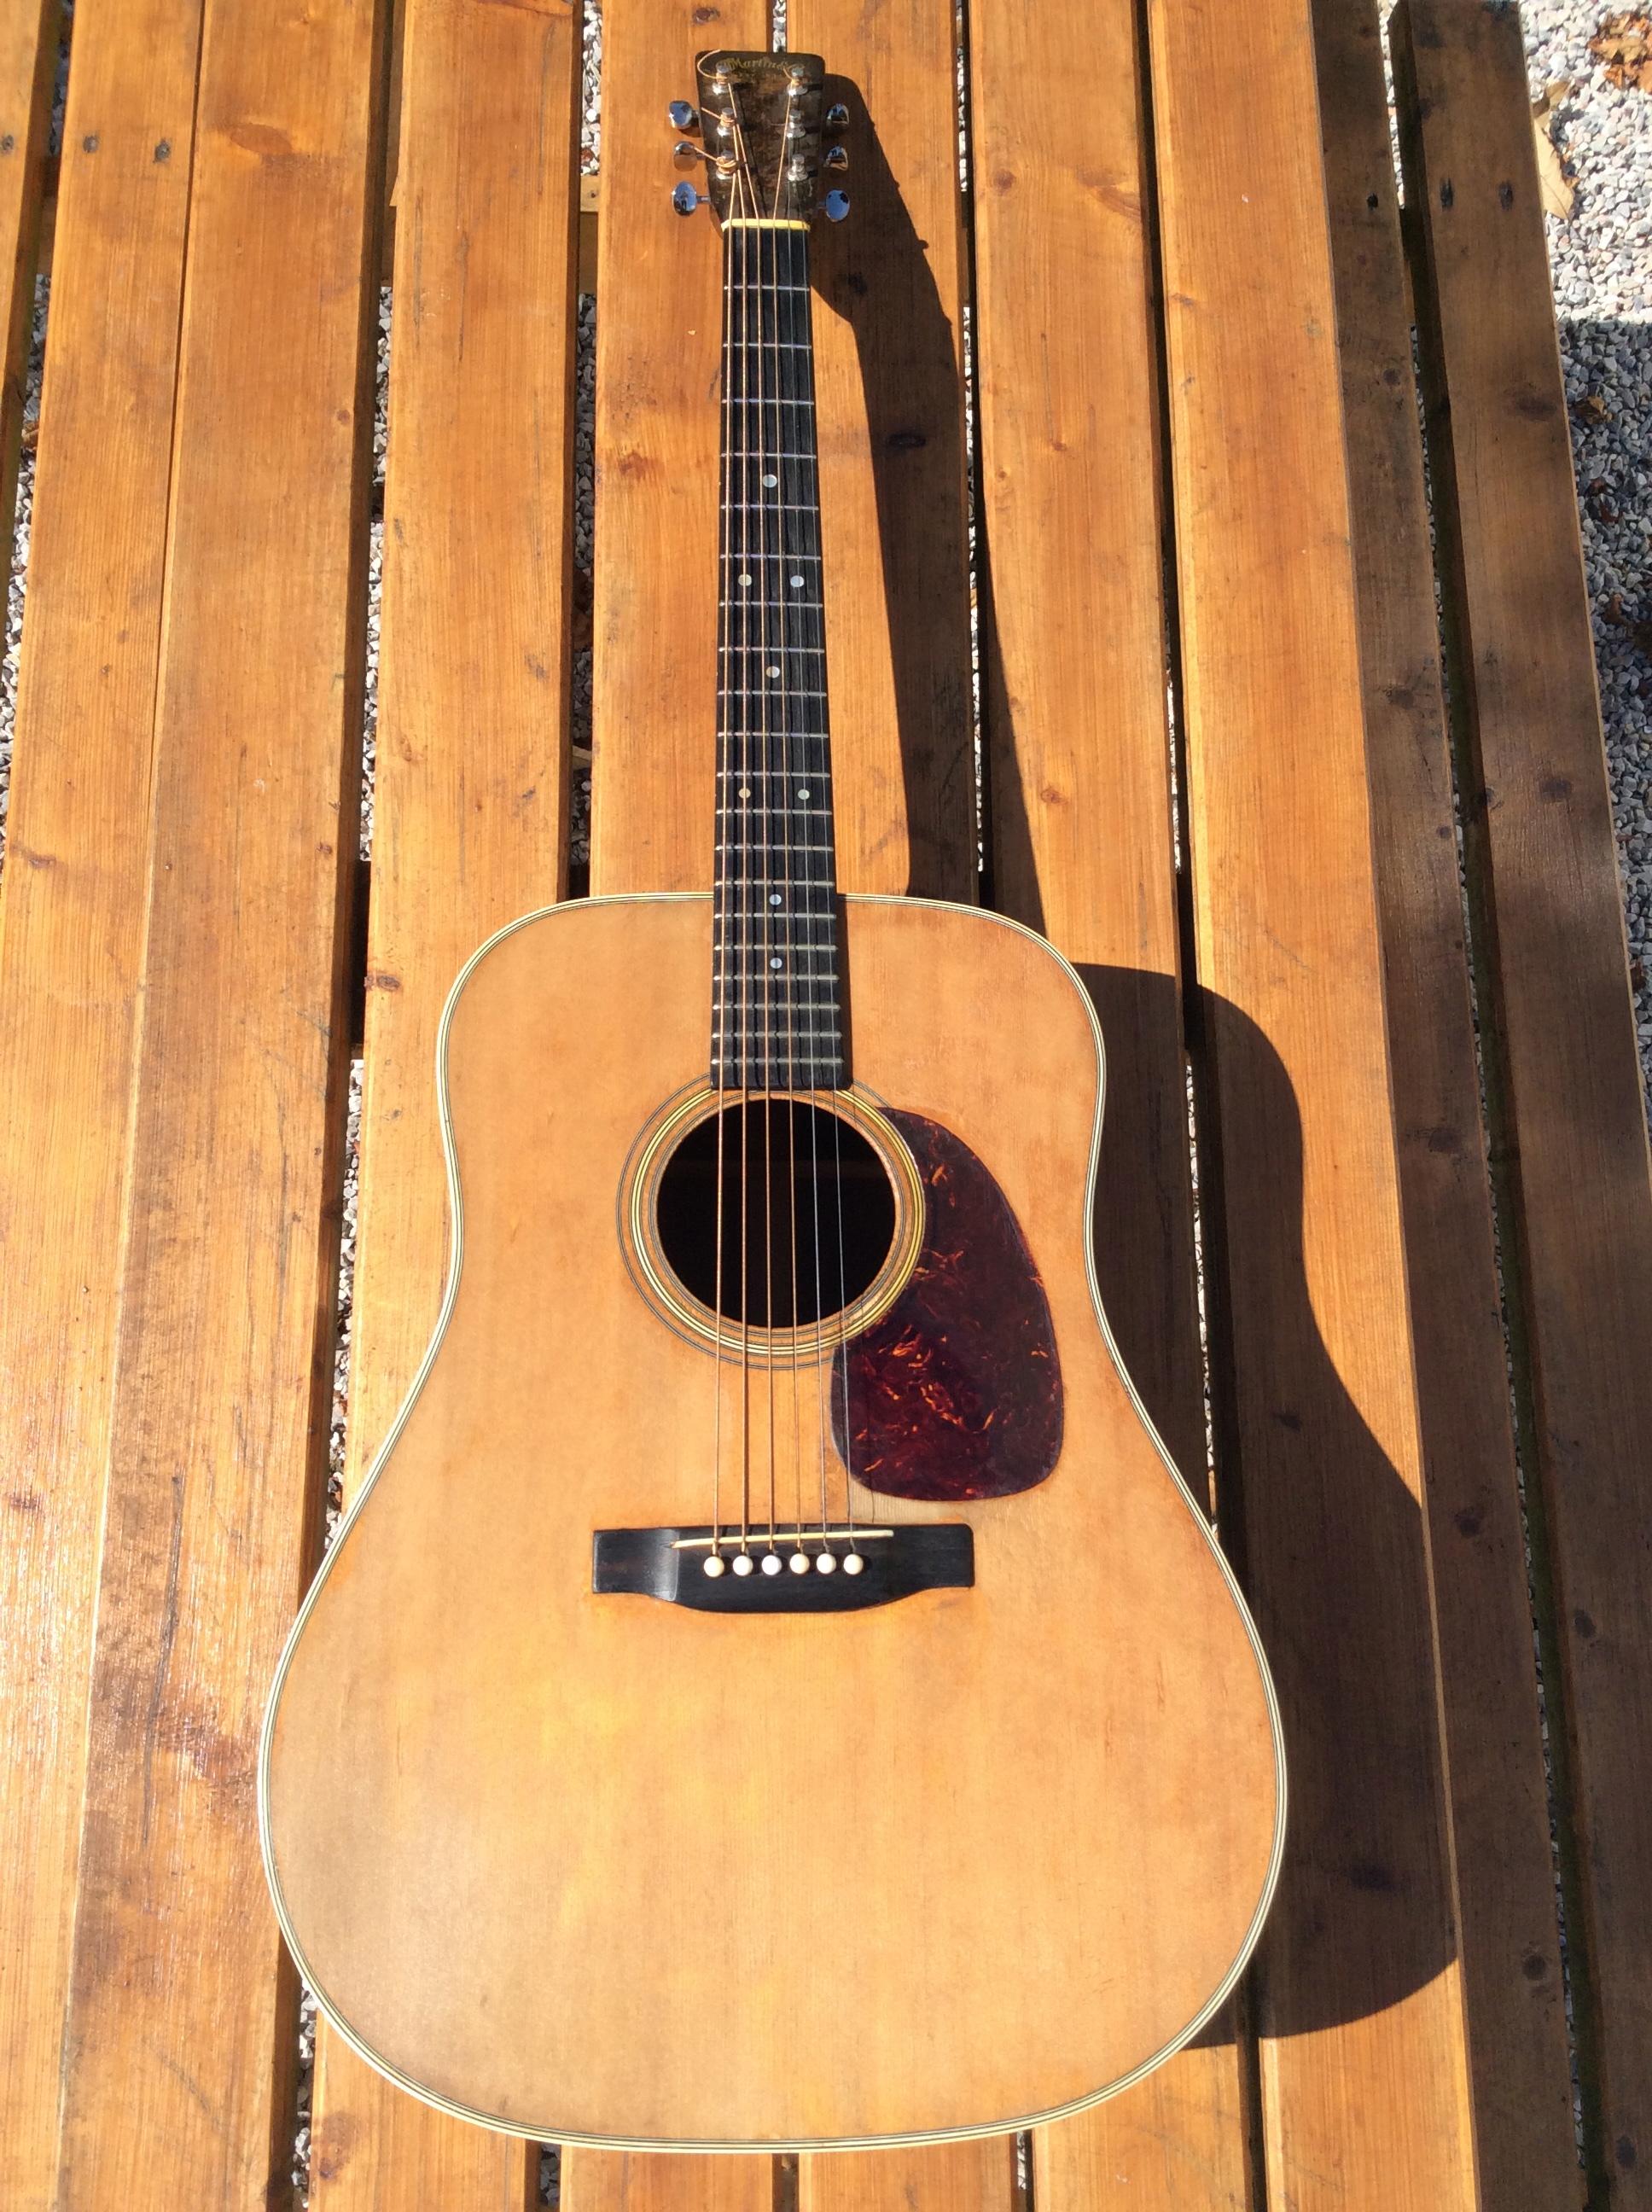 c f martin d28 1956 guitar for sale. Black Bedroom Furniture Sets. Home Design Ideas